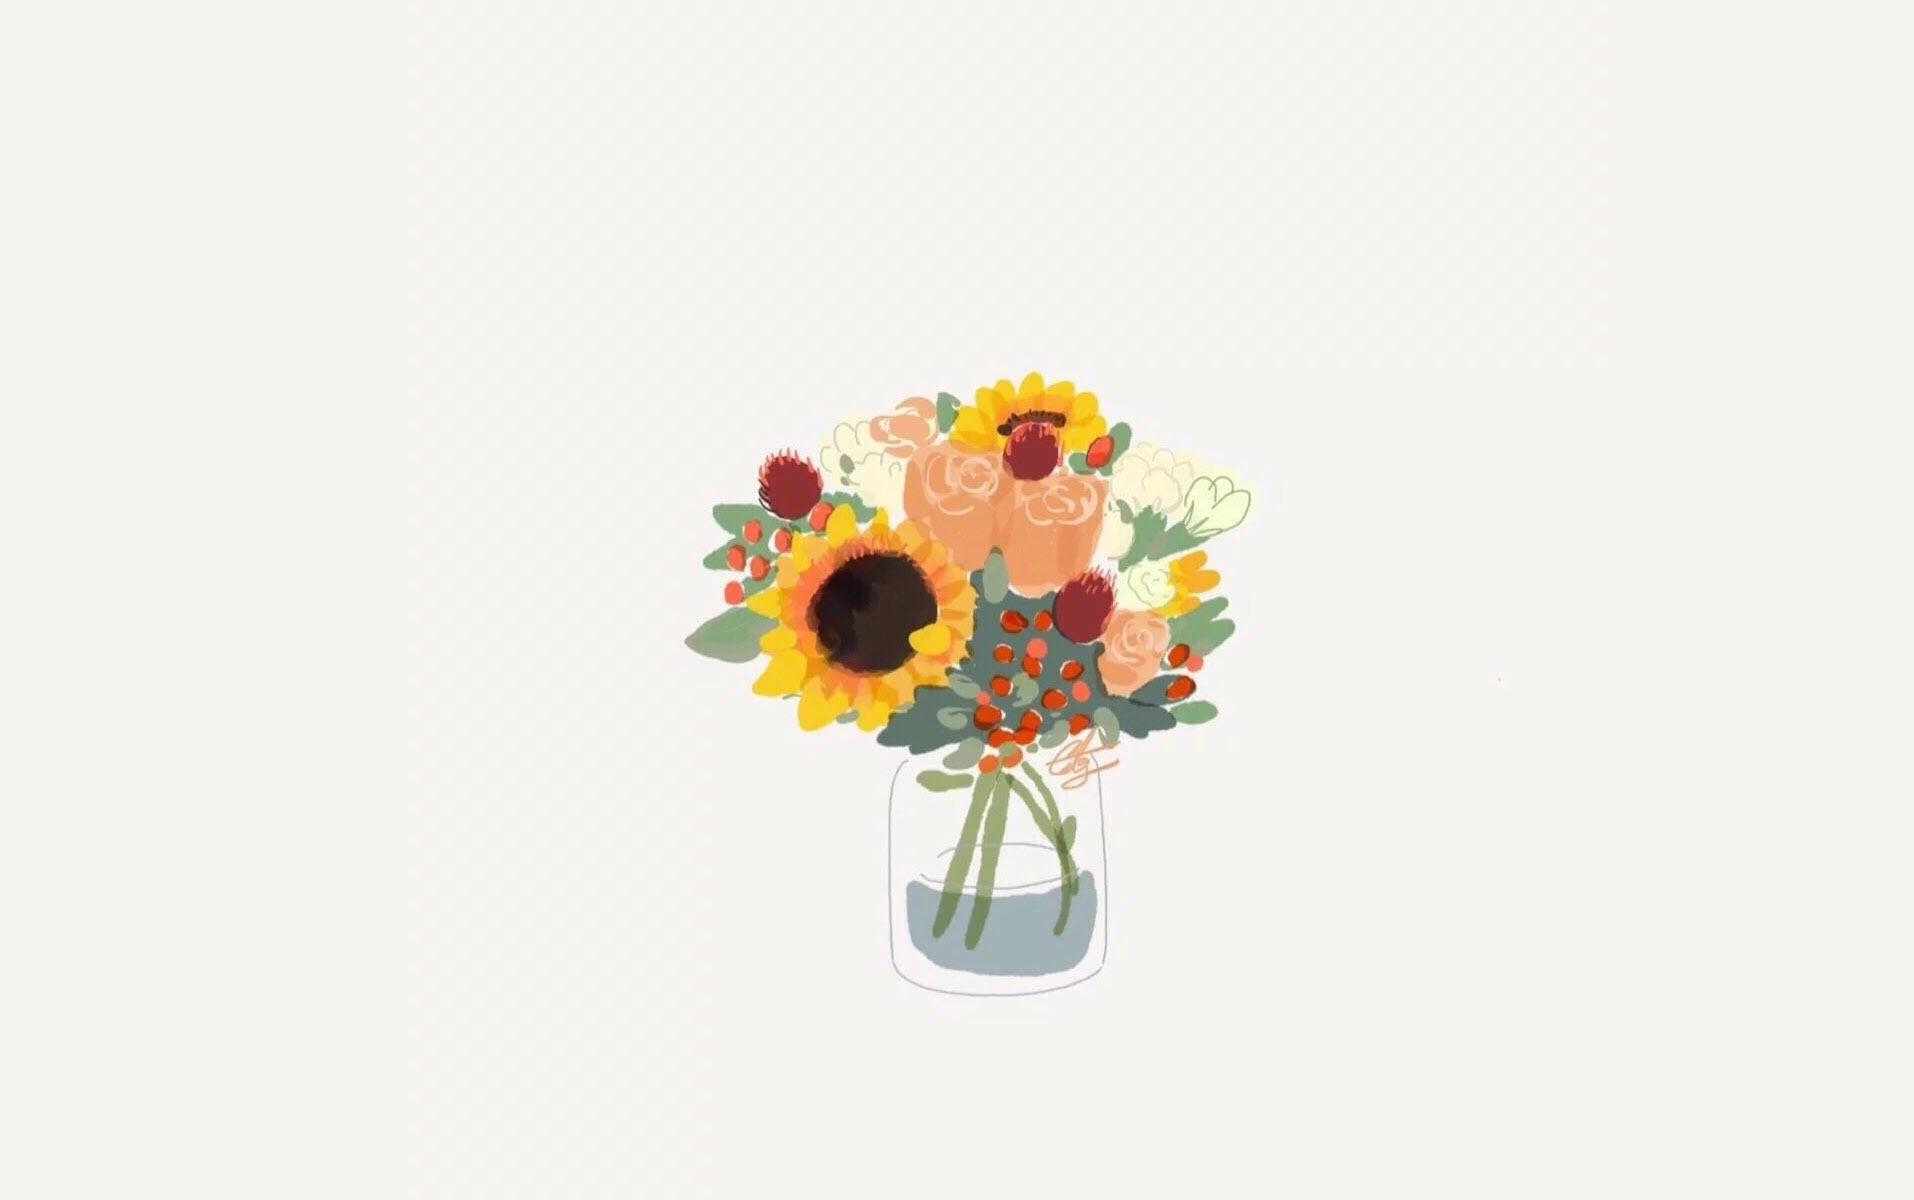 Hình nền hoa dễ thương